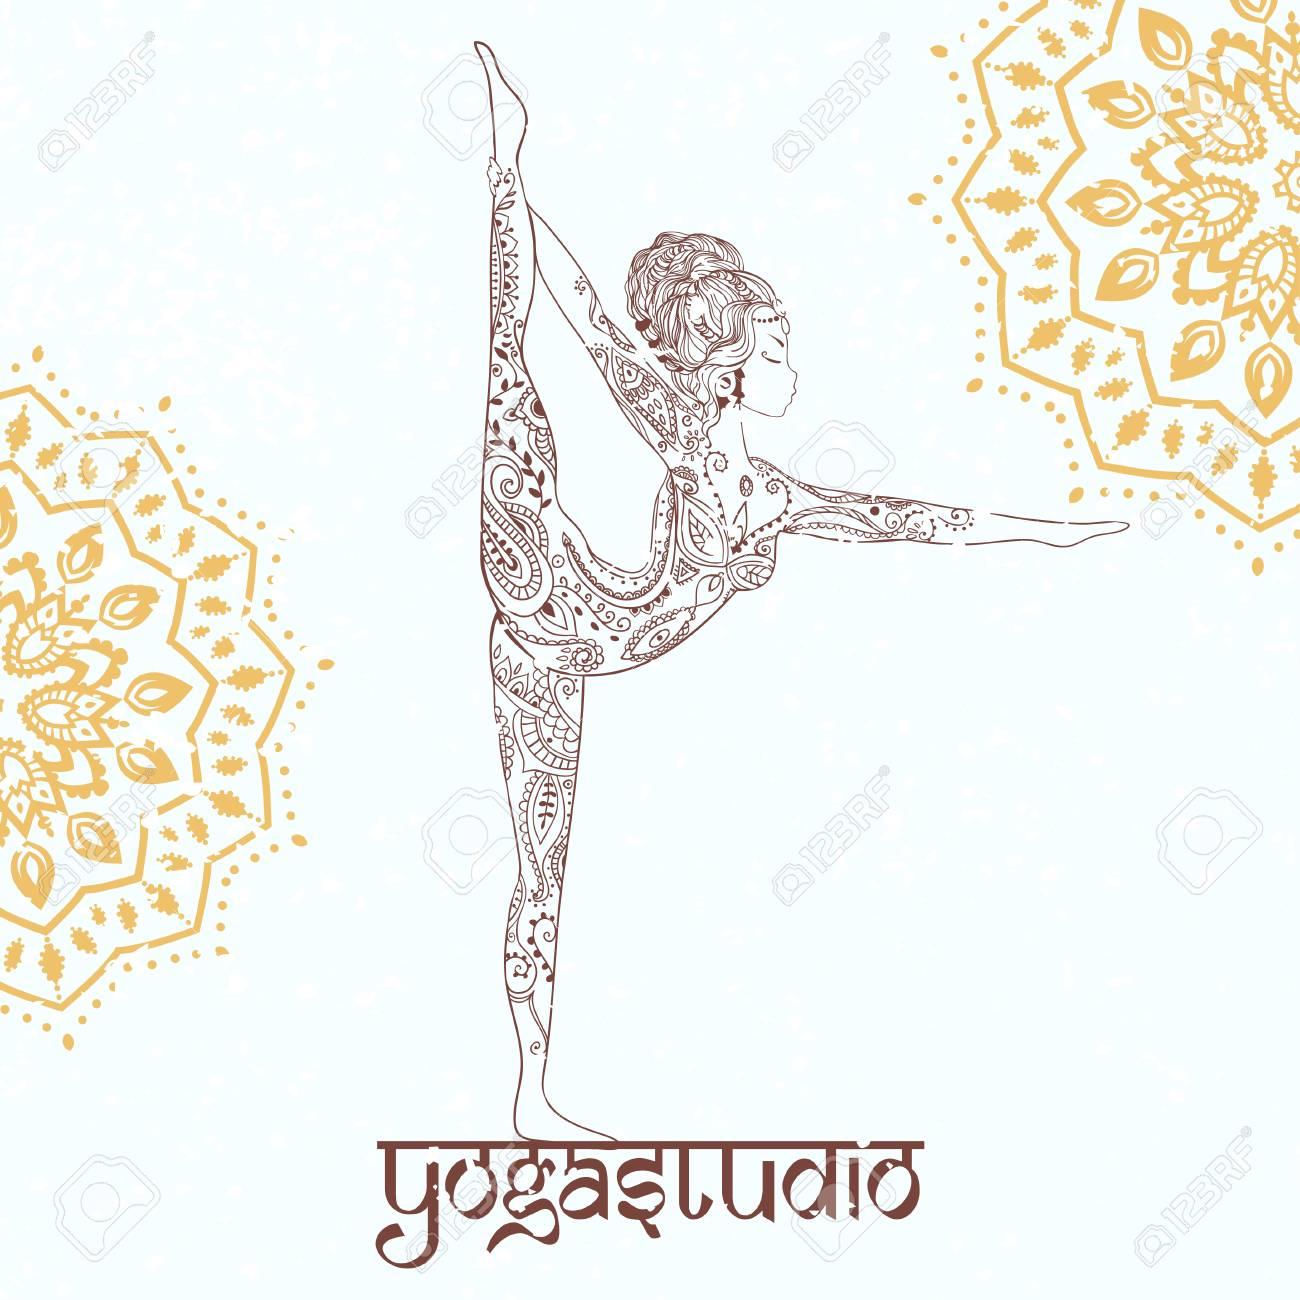 Ornement Belle Carte Avec Vecteur Yoga Elément Géométrique Dessiné à La Main Cartes Parfaites Pour Tout Autre Type De Design Anniversaire Et Autres